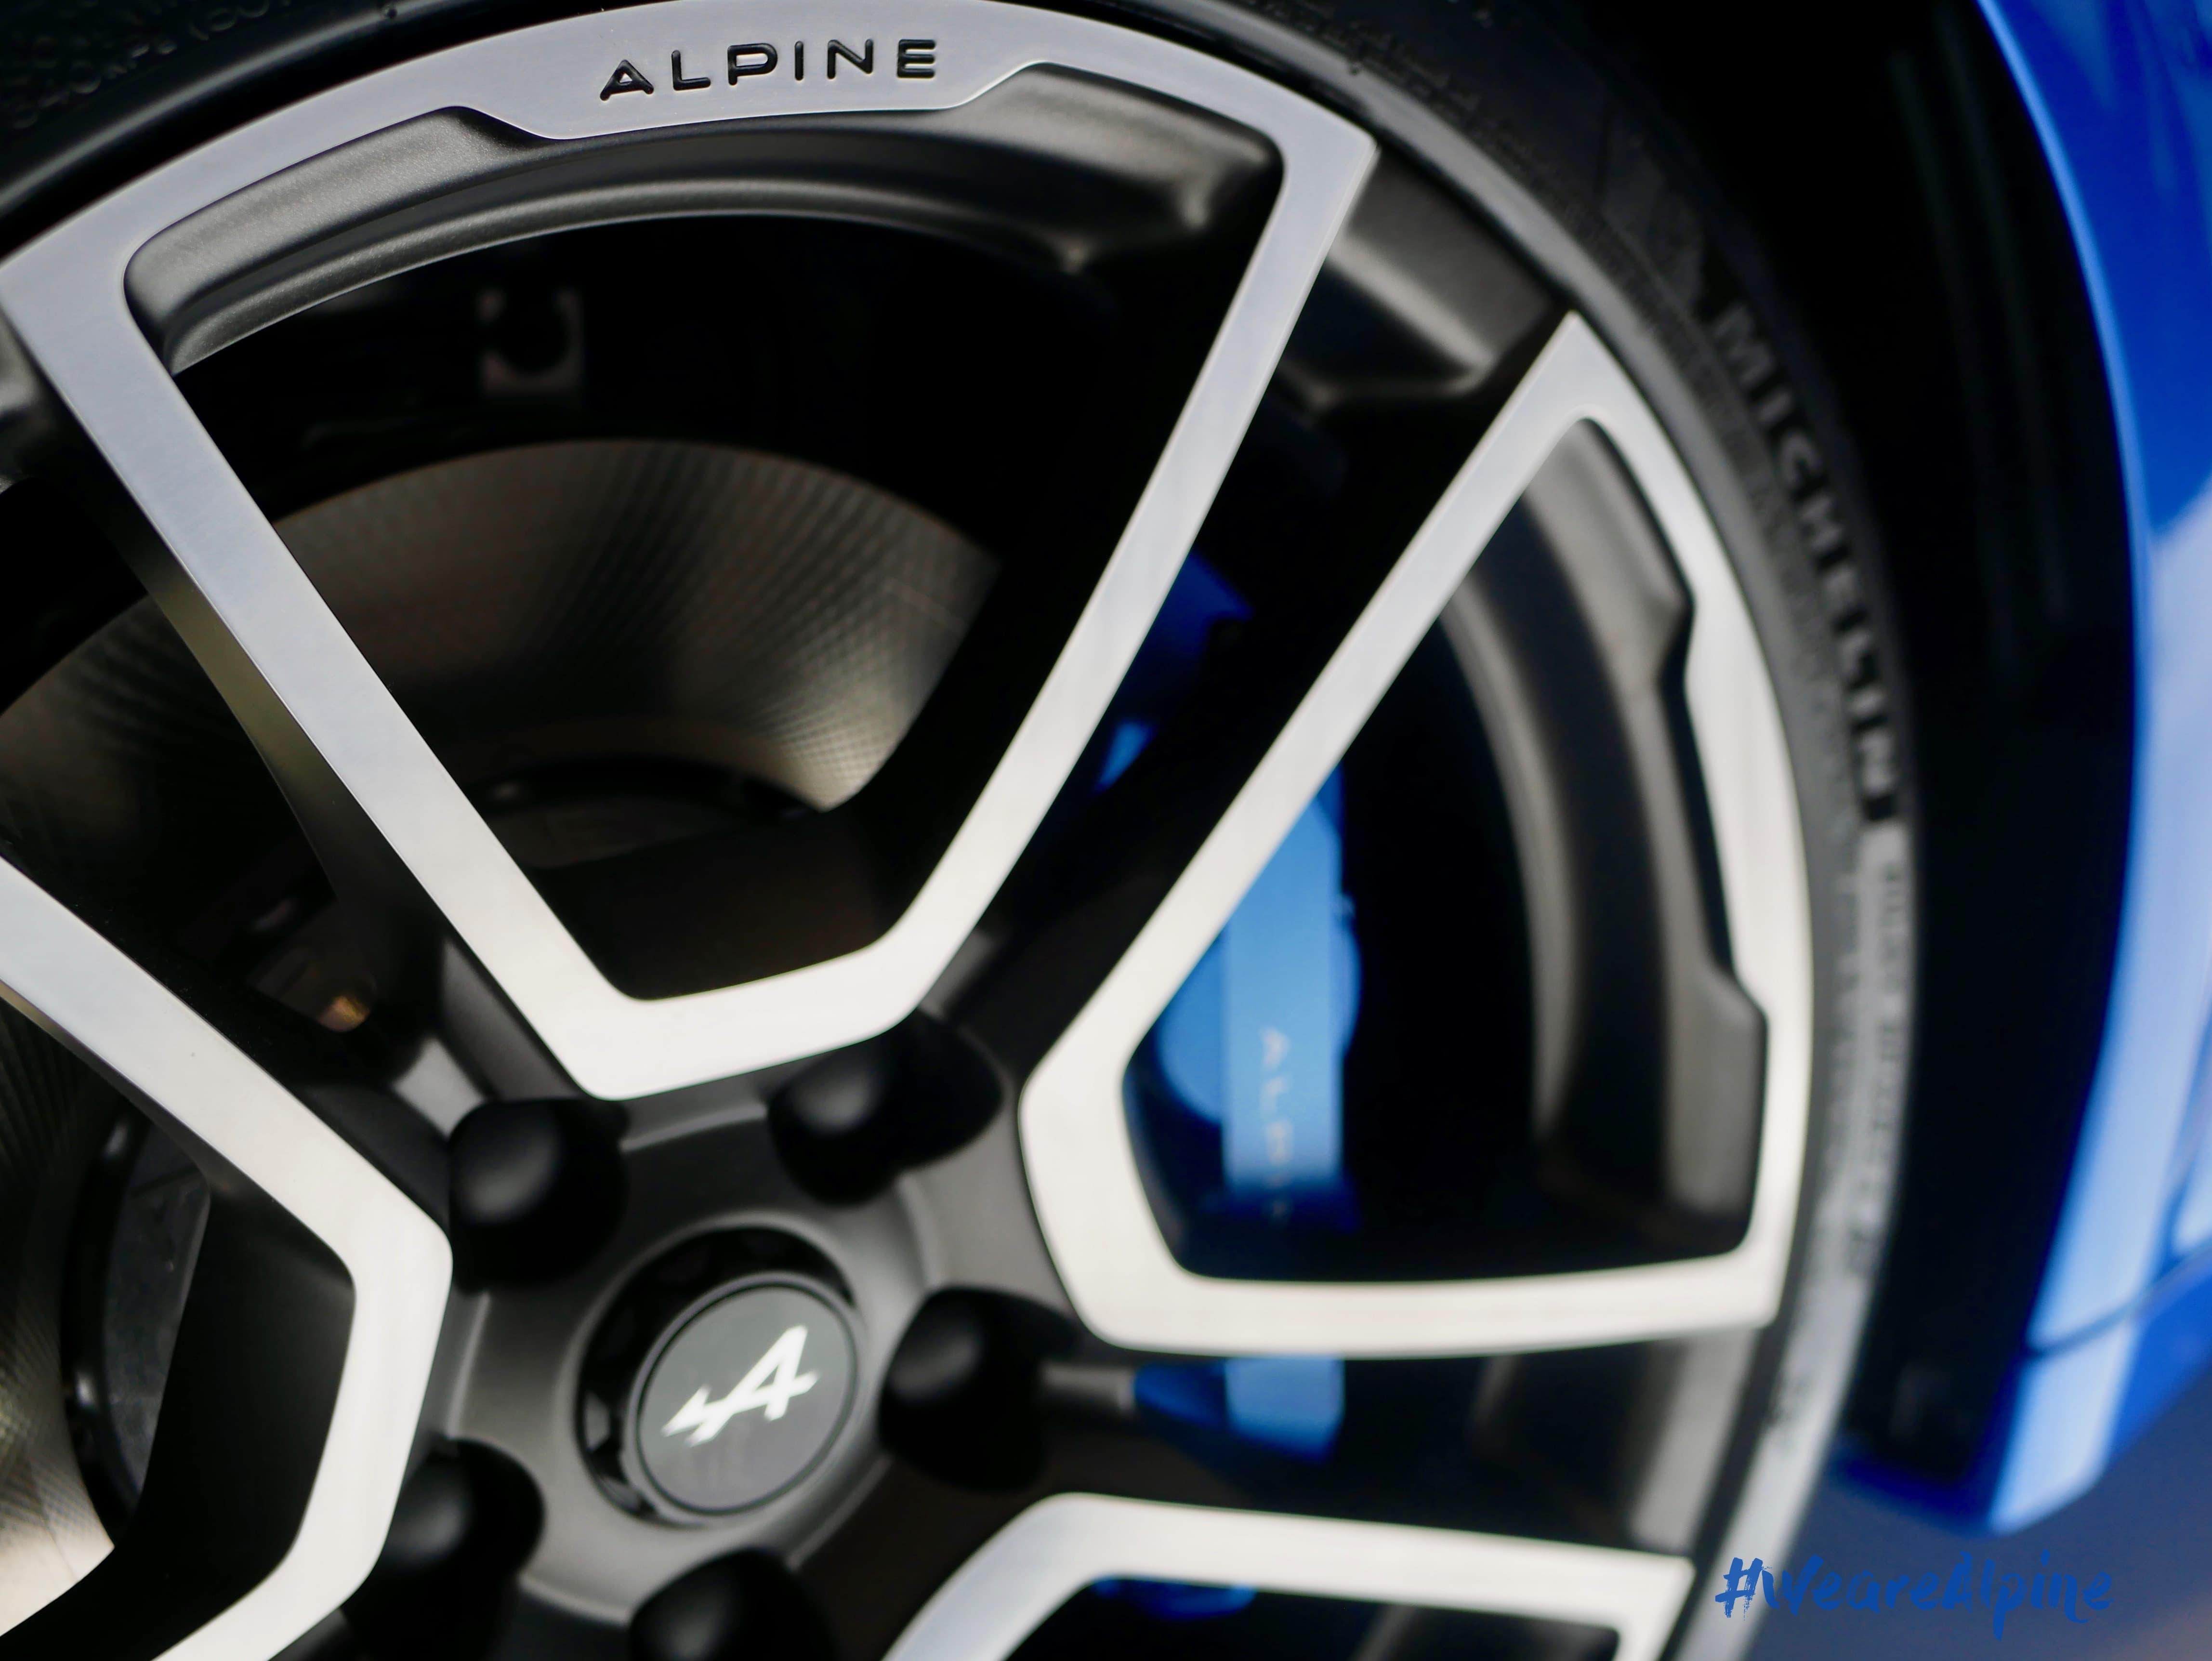 Le pneu MICHELIN Pilot Sport 4 équipera la nouvelle Alpine A110 Première Edition.